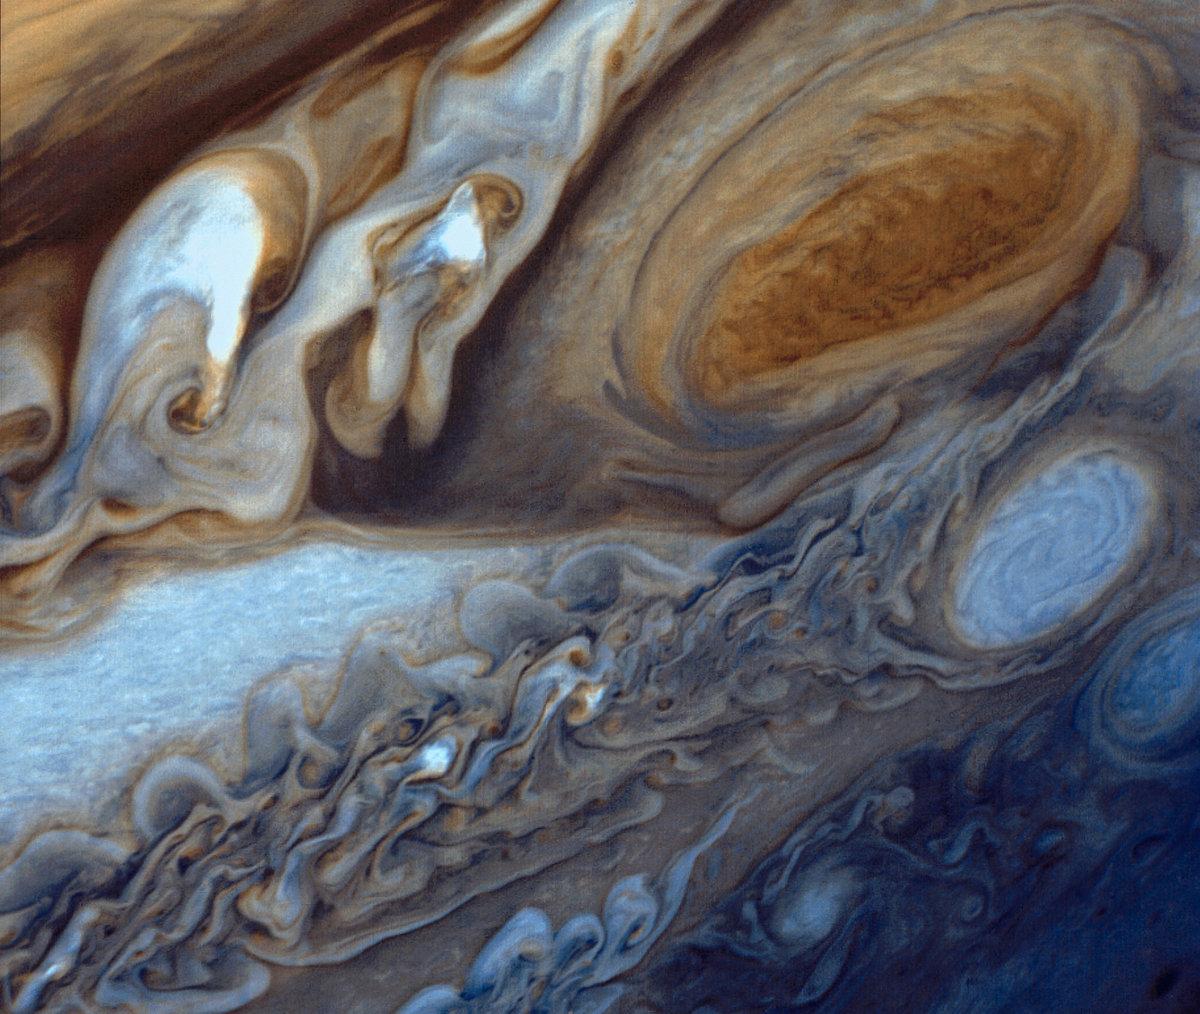 Αποτέλεσμα εικόνας για KILLER MOON Nocturne Into Nebula